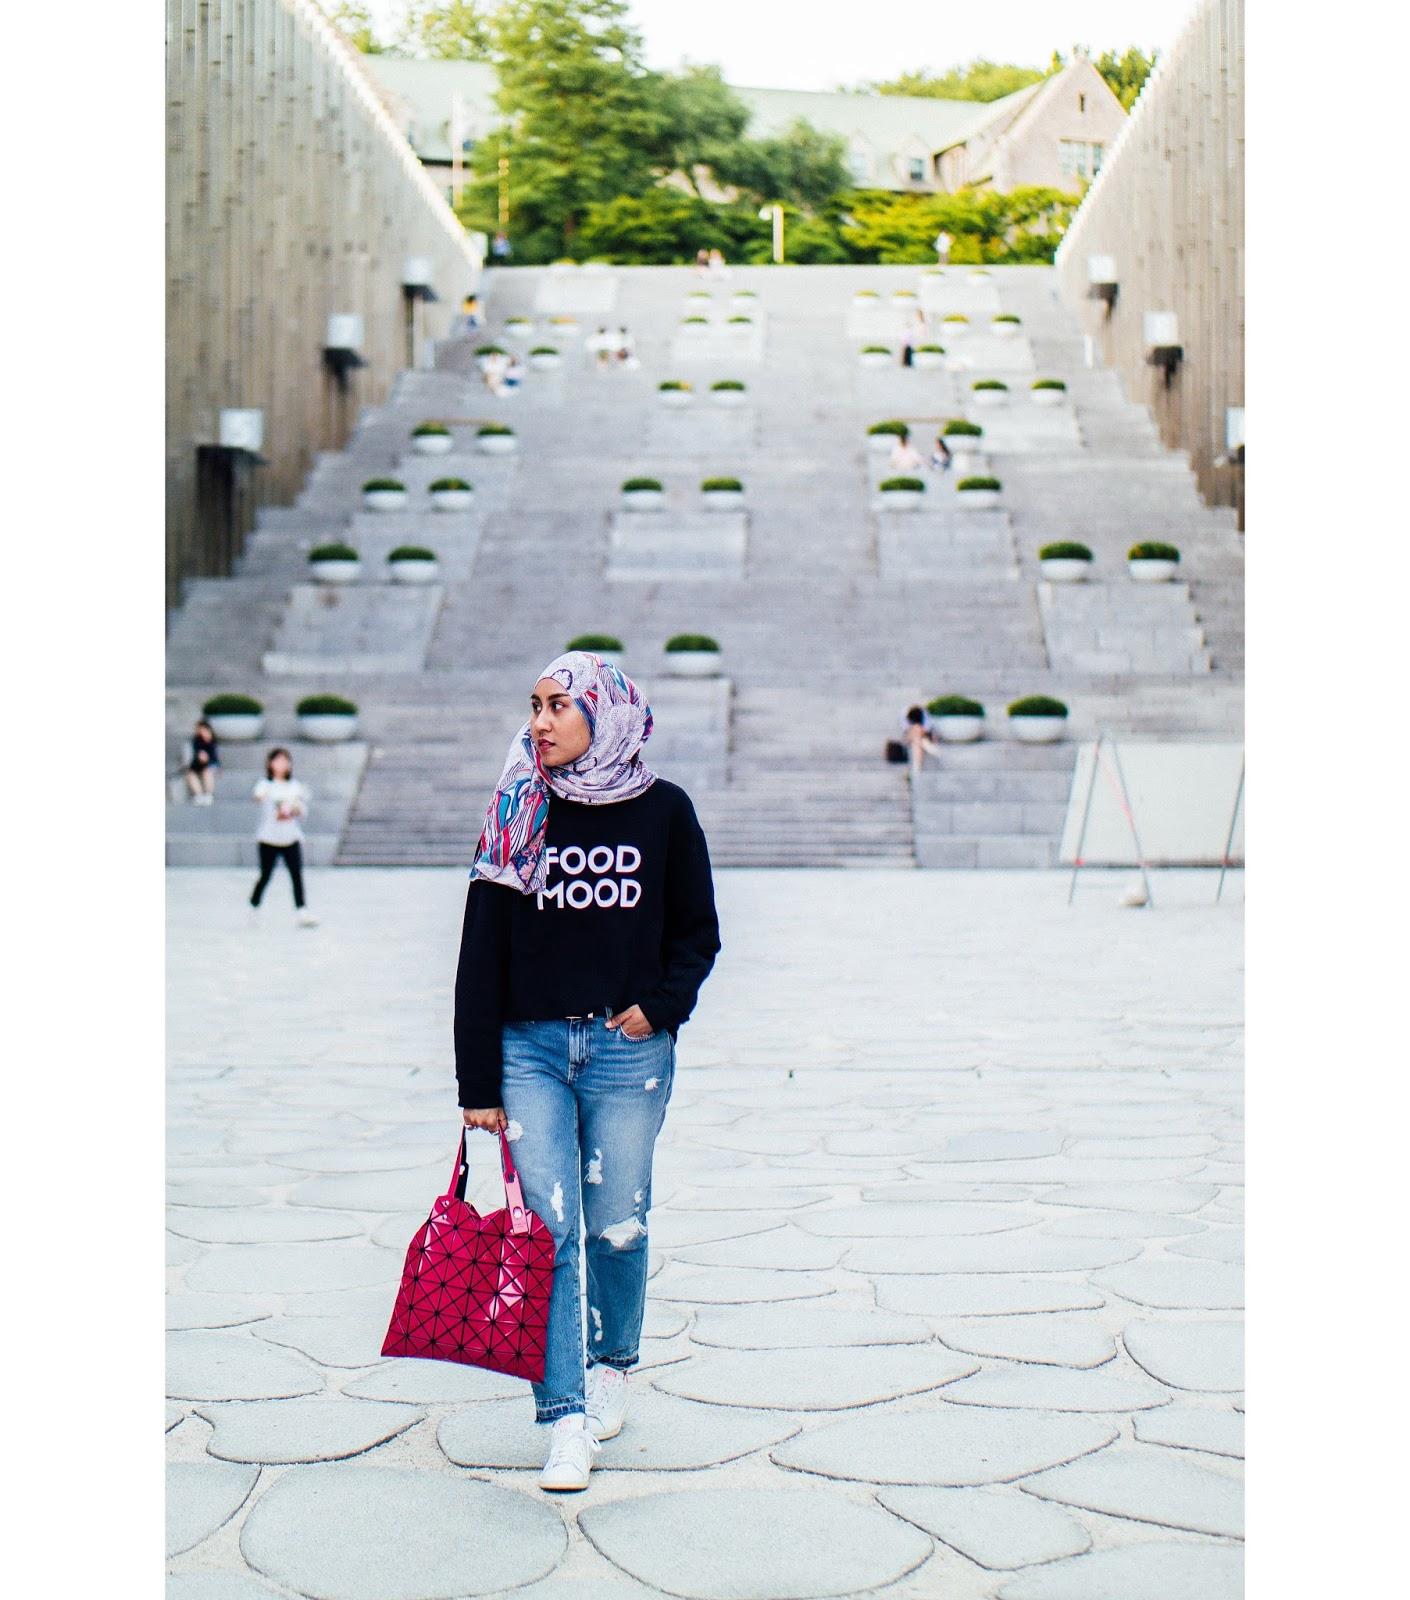 Zara Food Mood Sweater Ripped Boyfriend Jeans